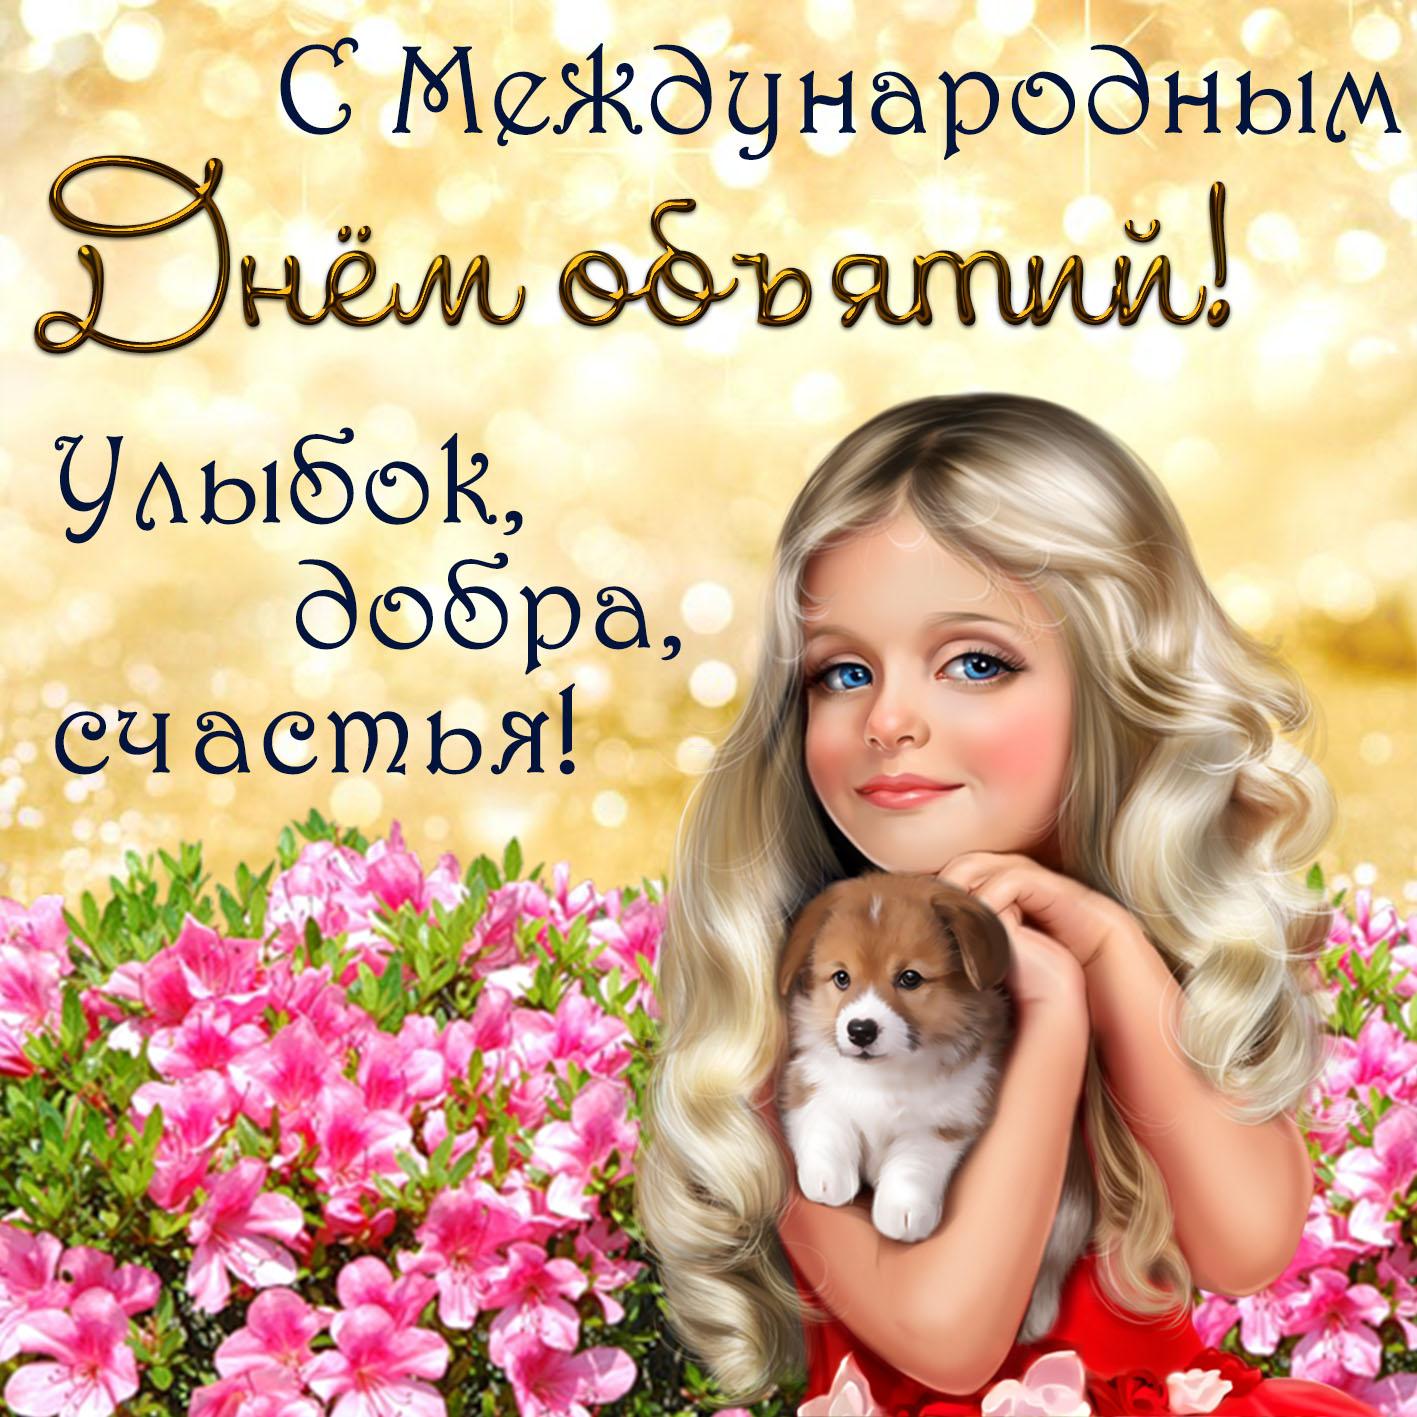 Картинка на День объятий с девочкой и собачкой